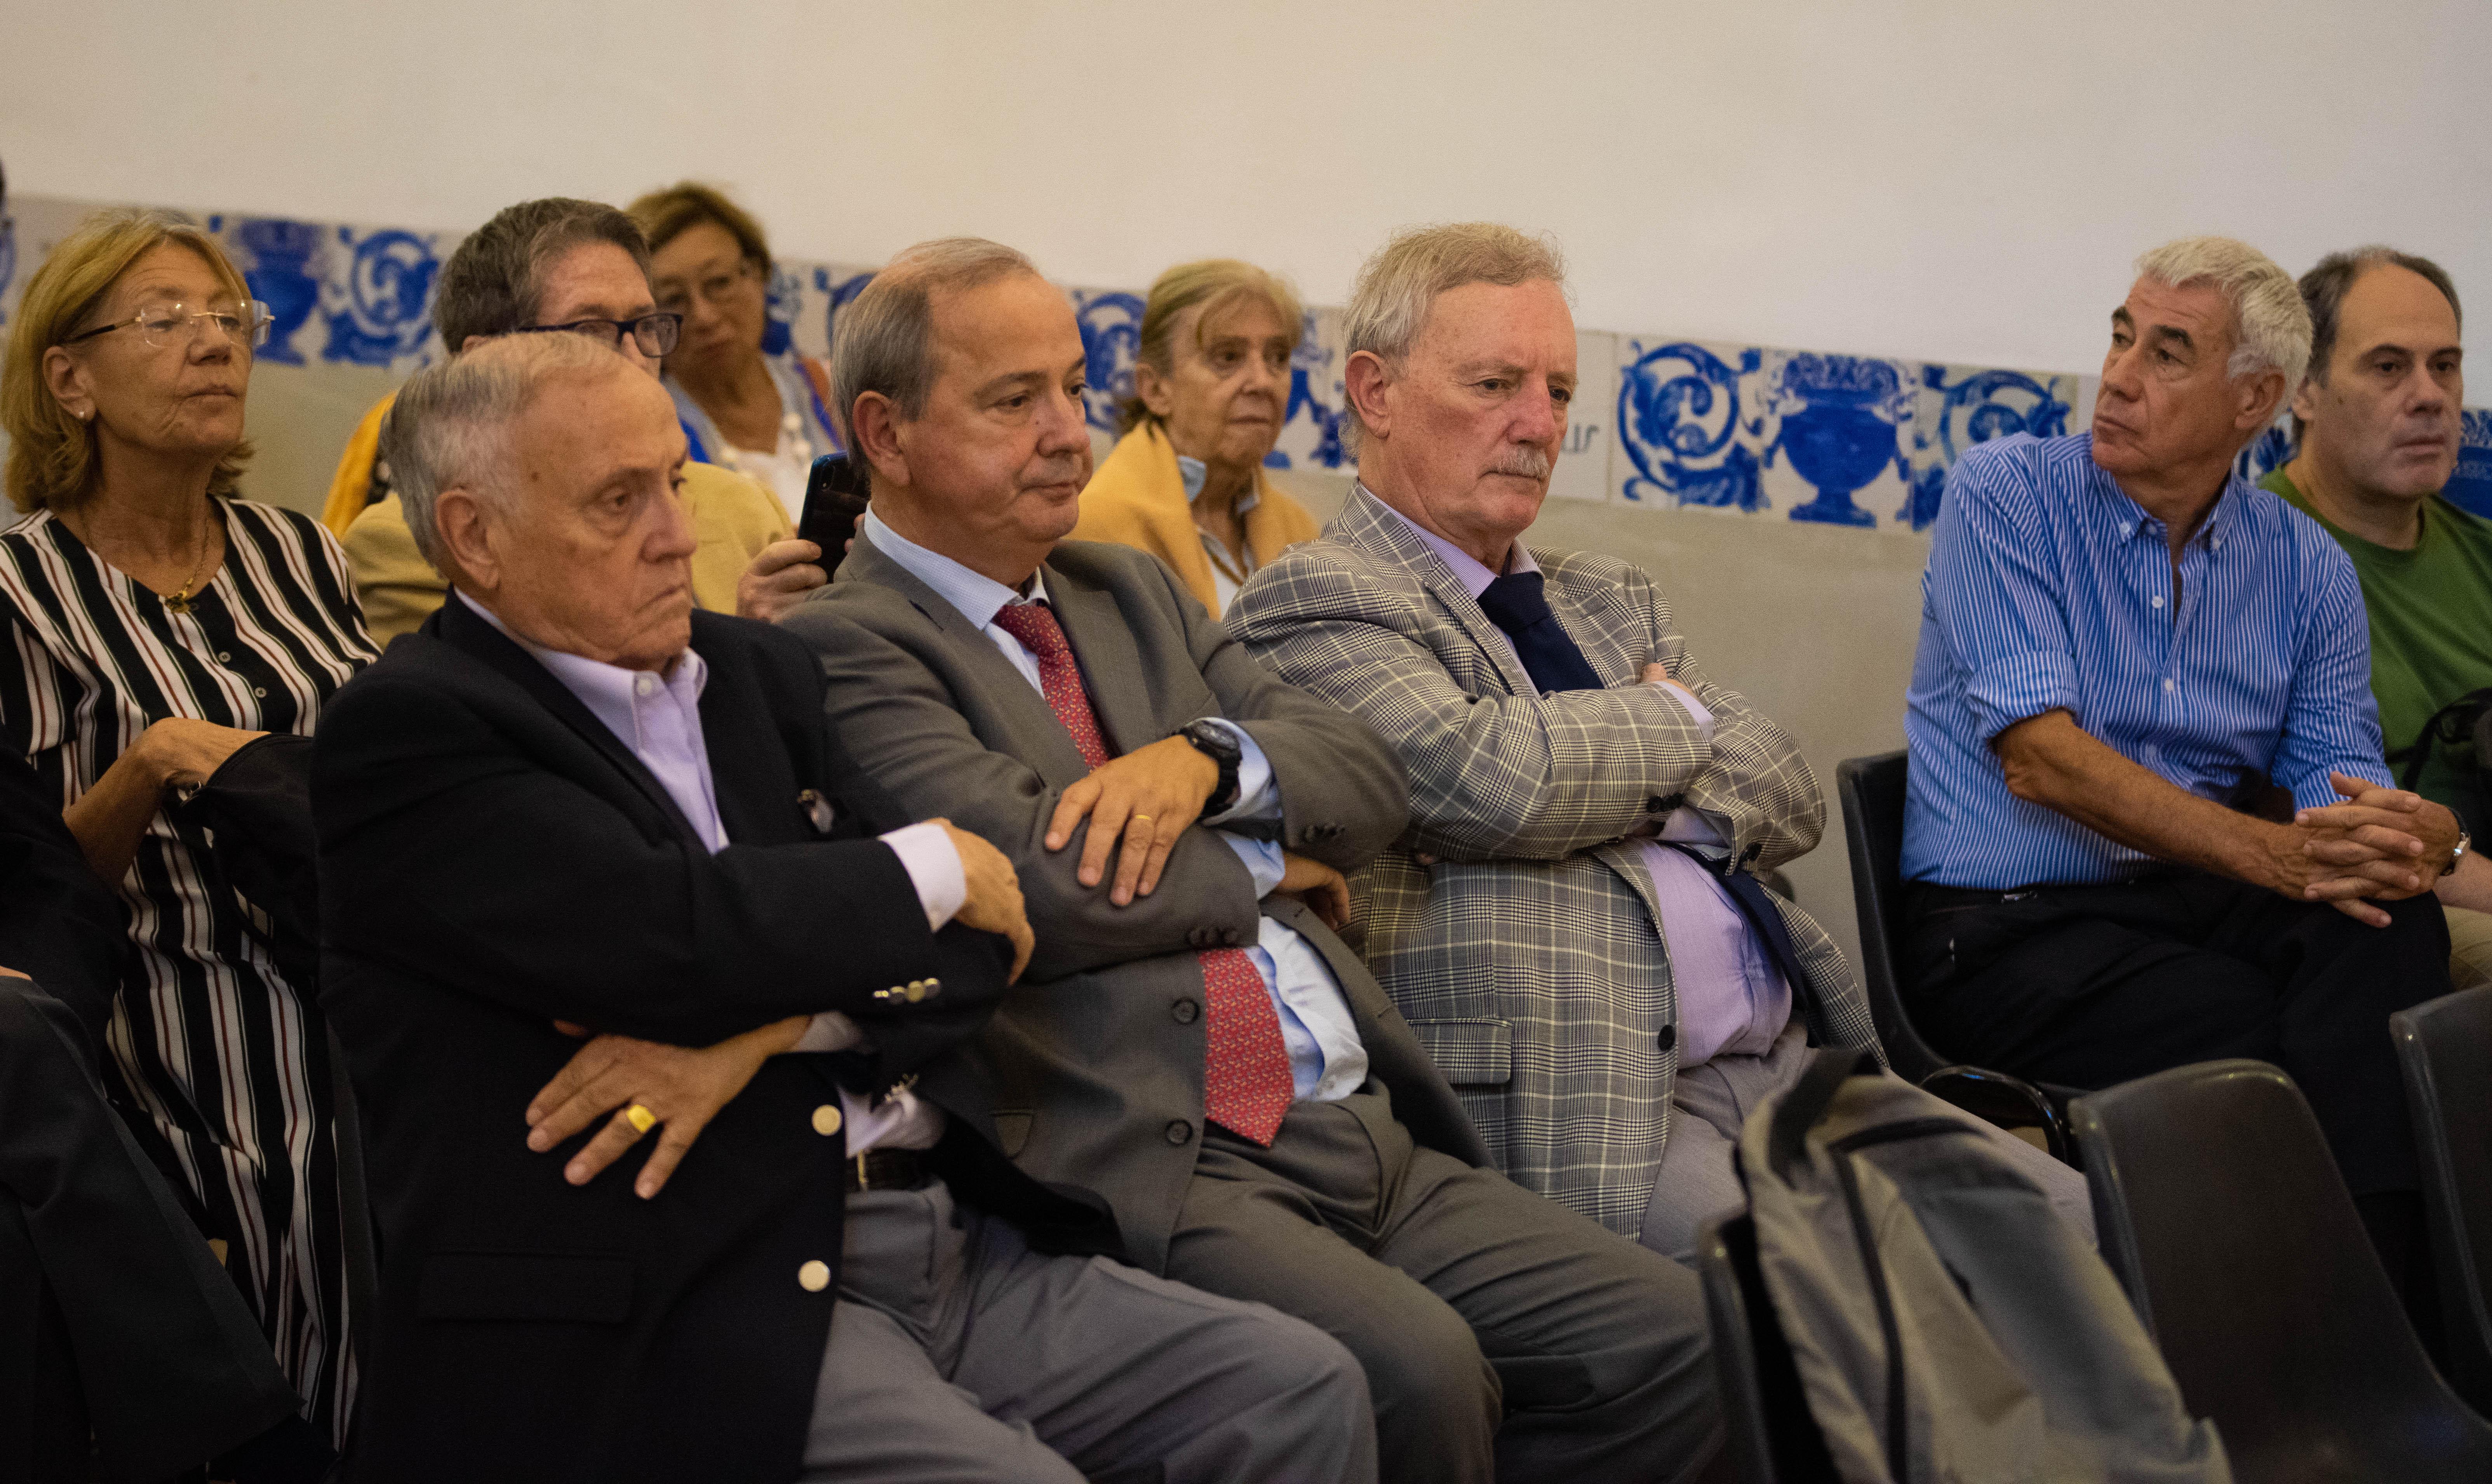 Entre las primeras filas se sentaron el ex embajador argentino en el Vaticano, Carlos Custer, el director de Culto Católico, Luis Saguier Fonrouge y el secretario general de la Asociación Cristiana de Jóvenes (YMCA) Angel Bruno Eduardo Rodríguez. Segunda fila, al medio, Alberto Zimerman, en representación de la DAIA.